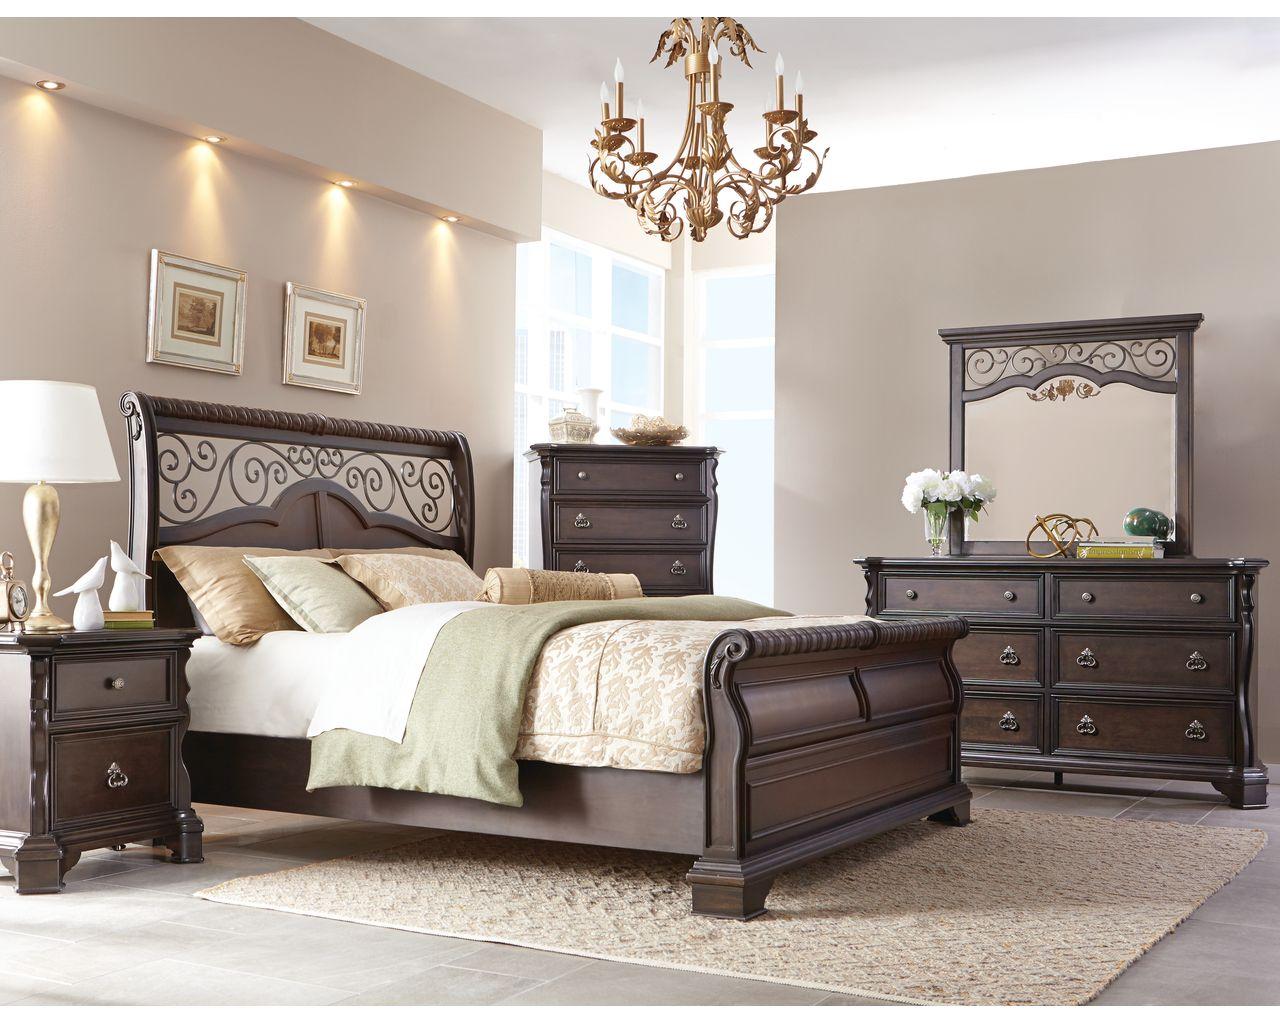 victoria schlafzimmer m bel international. Black Bedroom Furniture Sets. Home Design Ideas